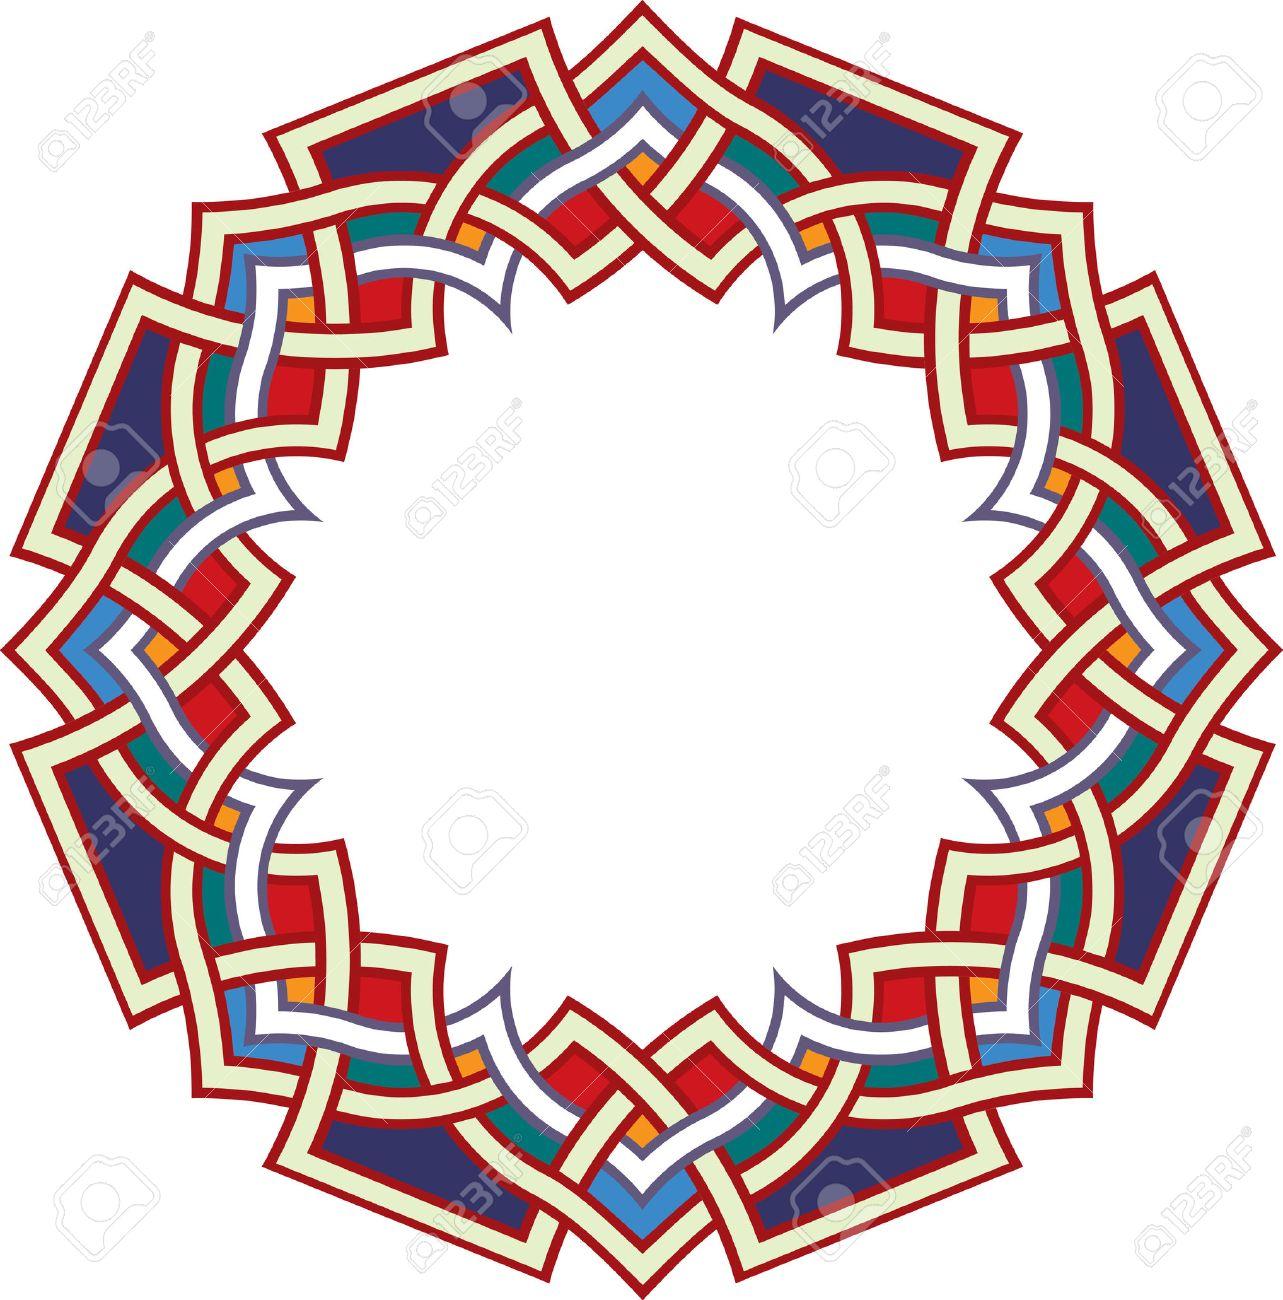 Tattoos arabesque tattoos arabeske tattoos arabesk tattoos - Arabesque Design Element Vector File Colored 24306569